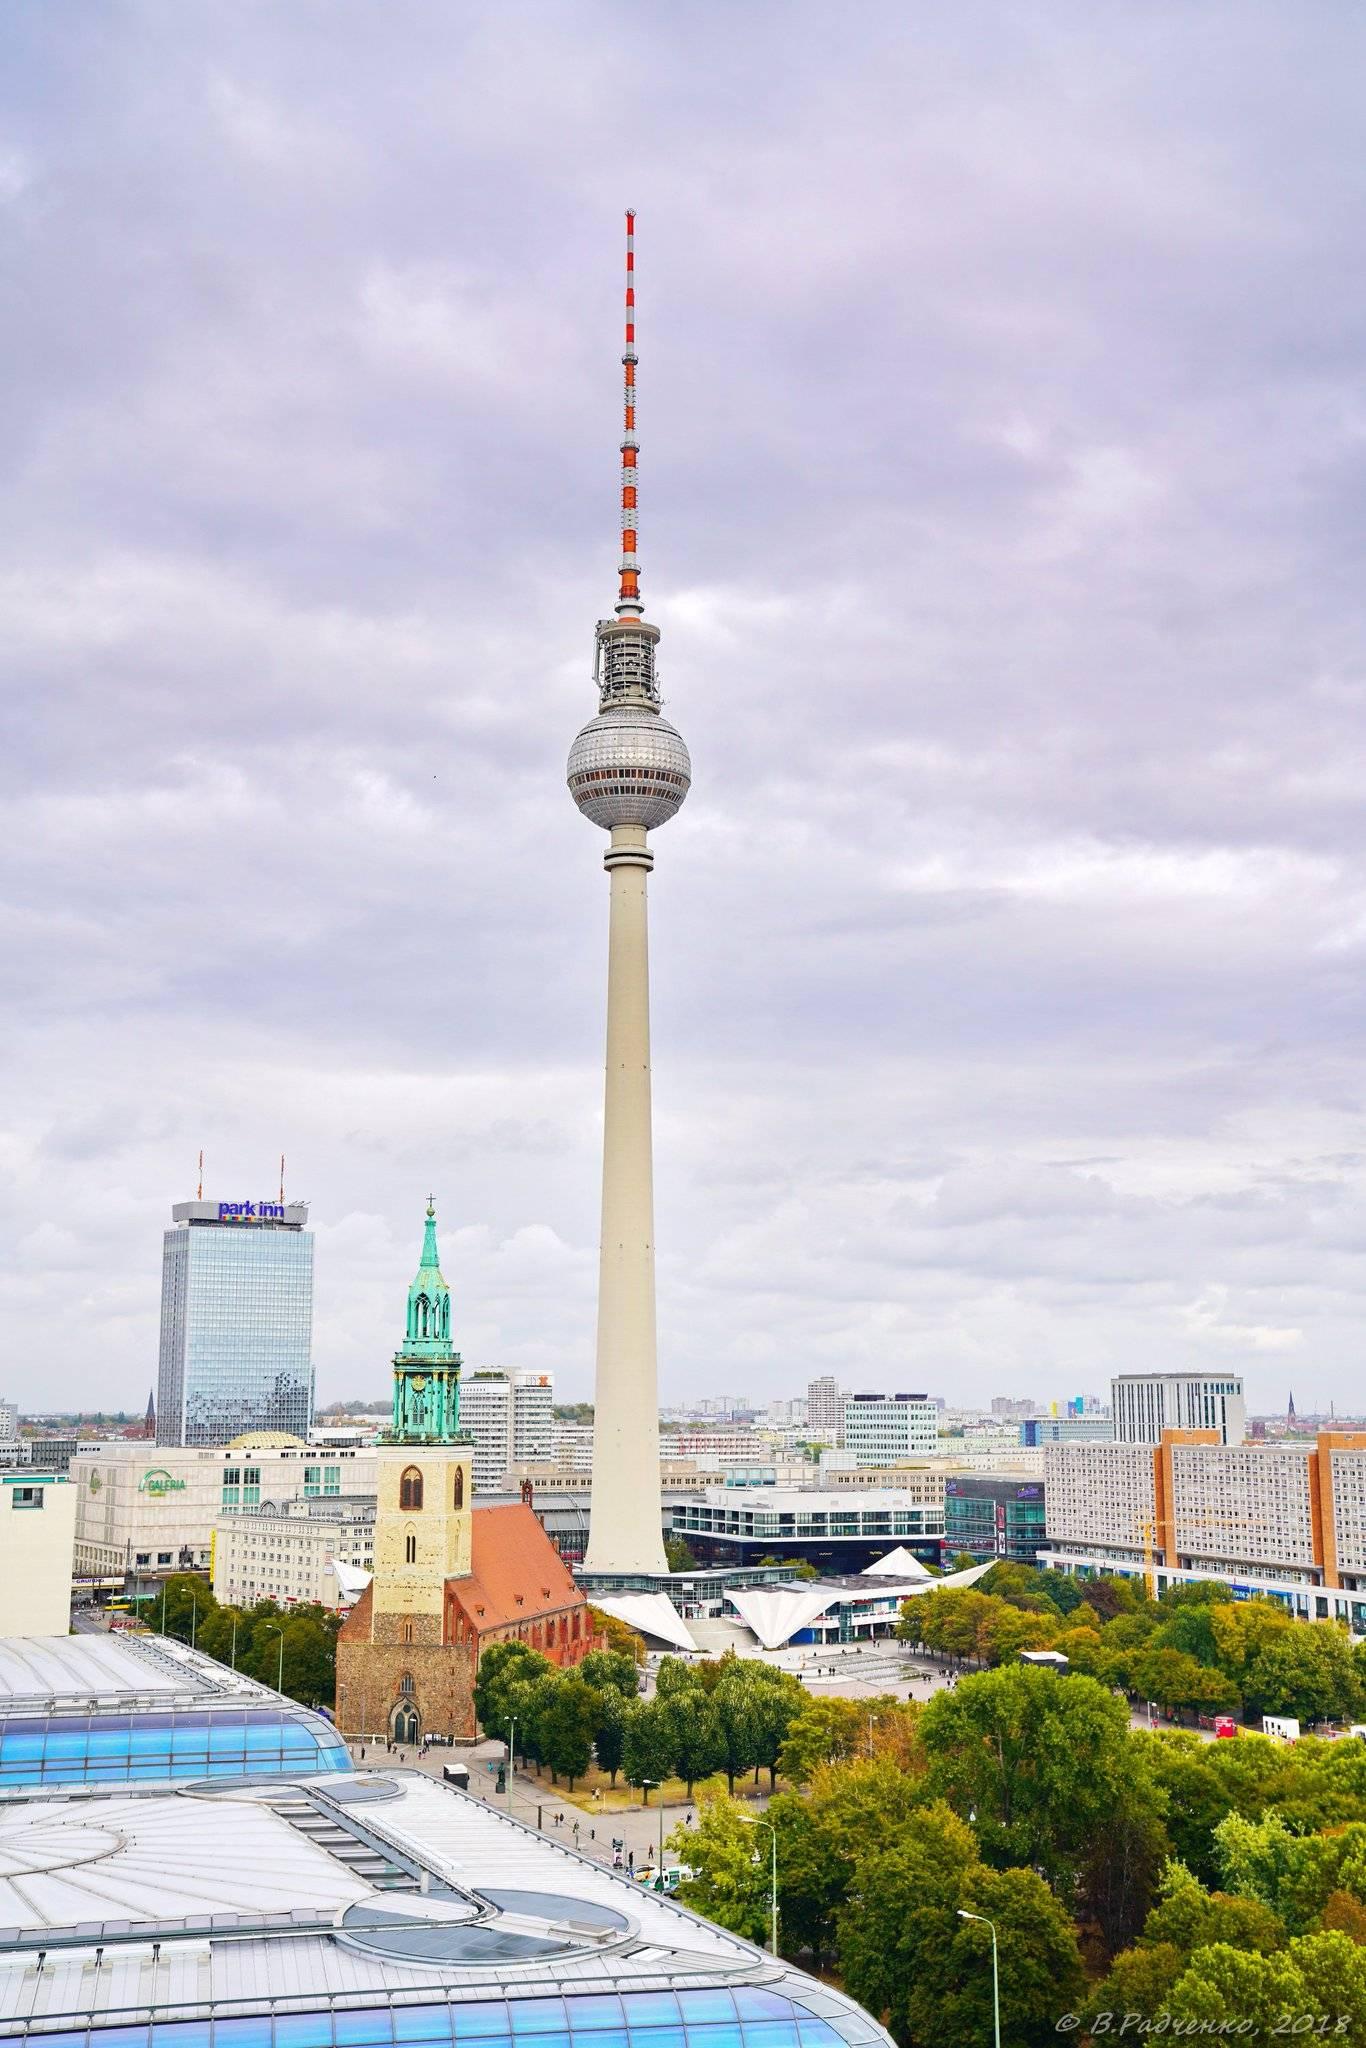 Берлинская телебашня — википедия. что такое берлинская телебашня